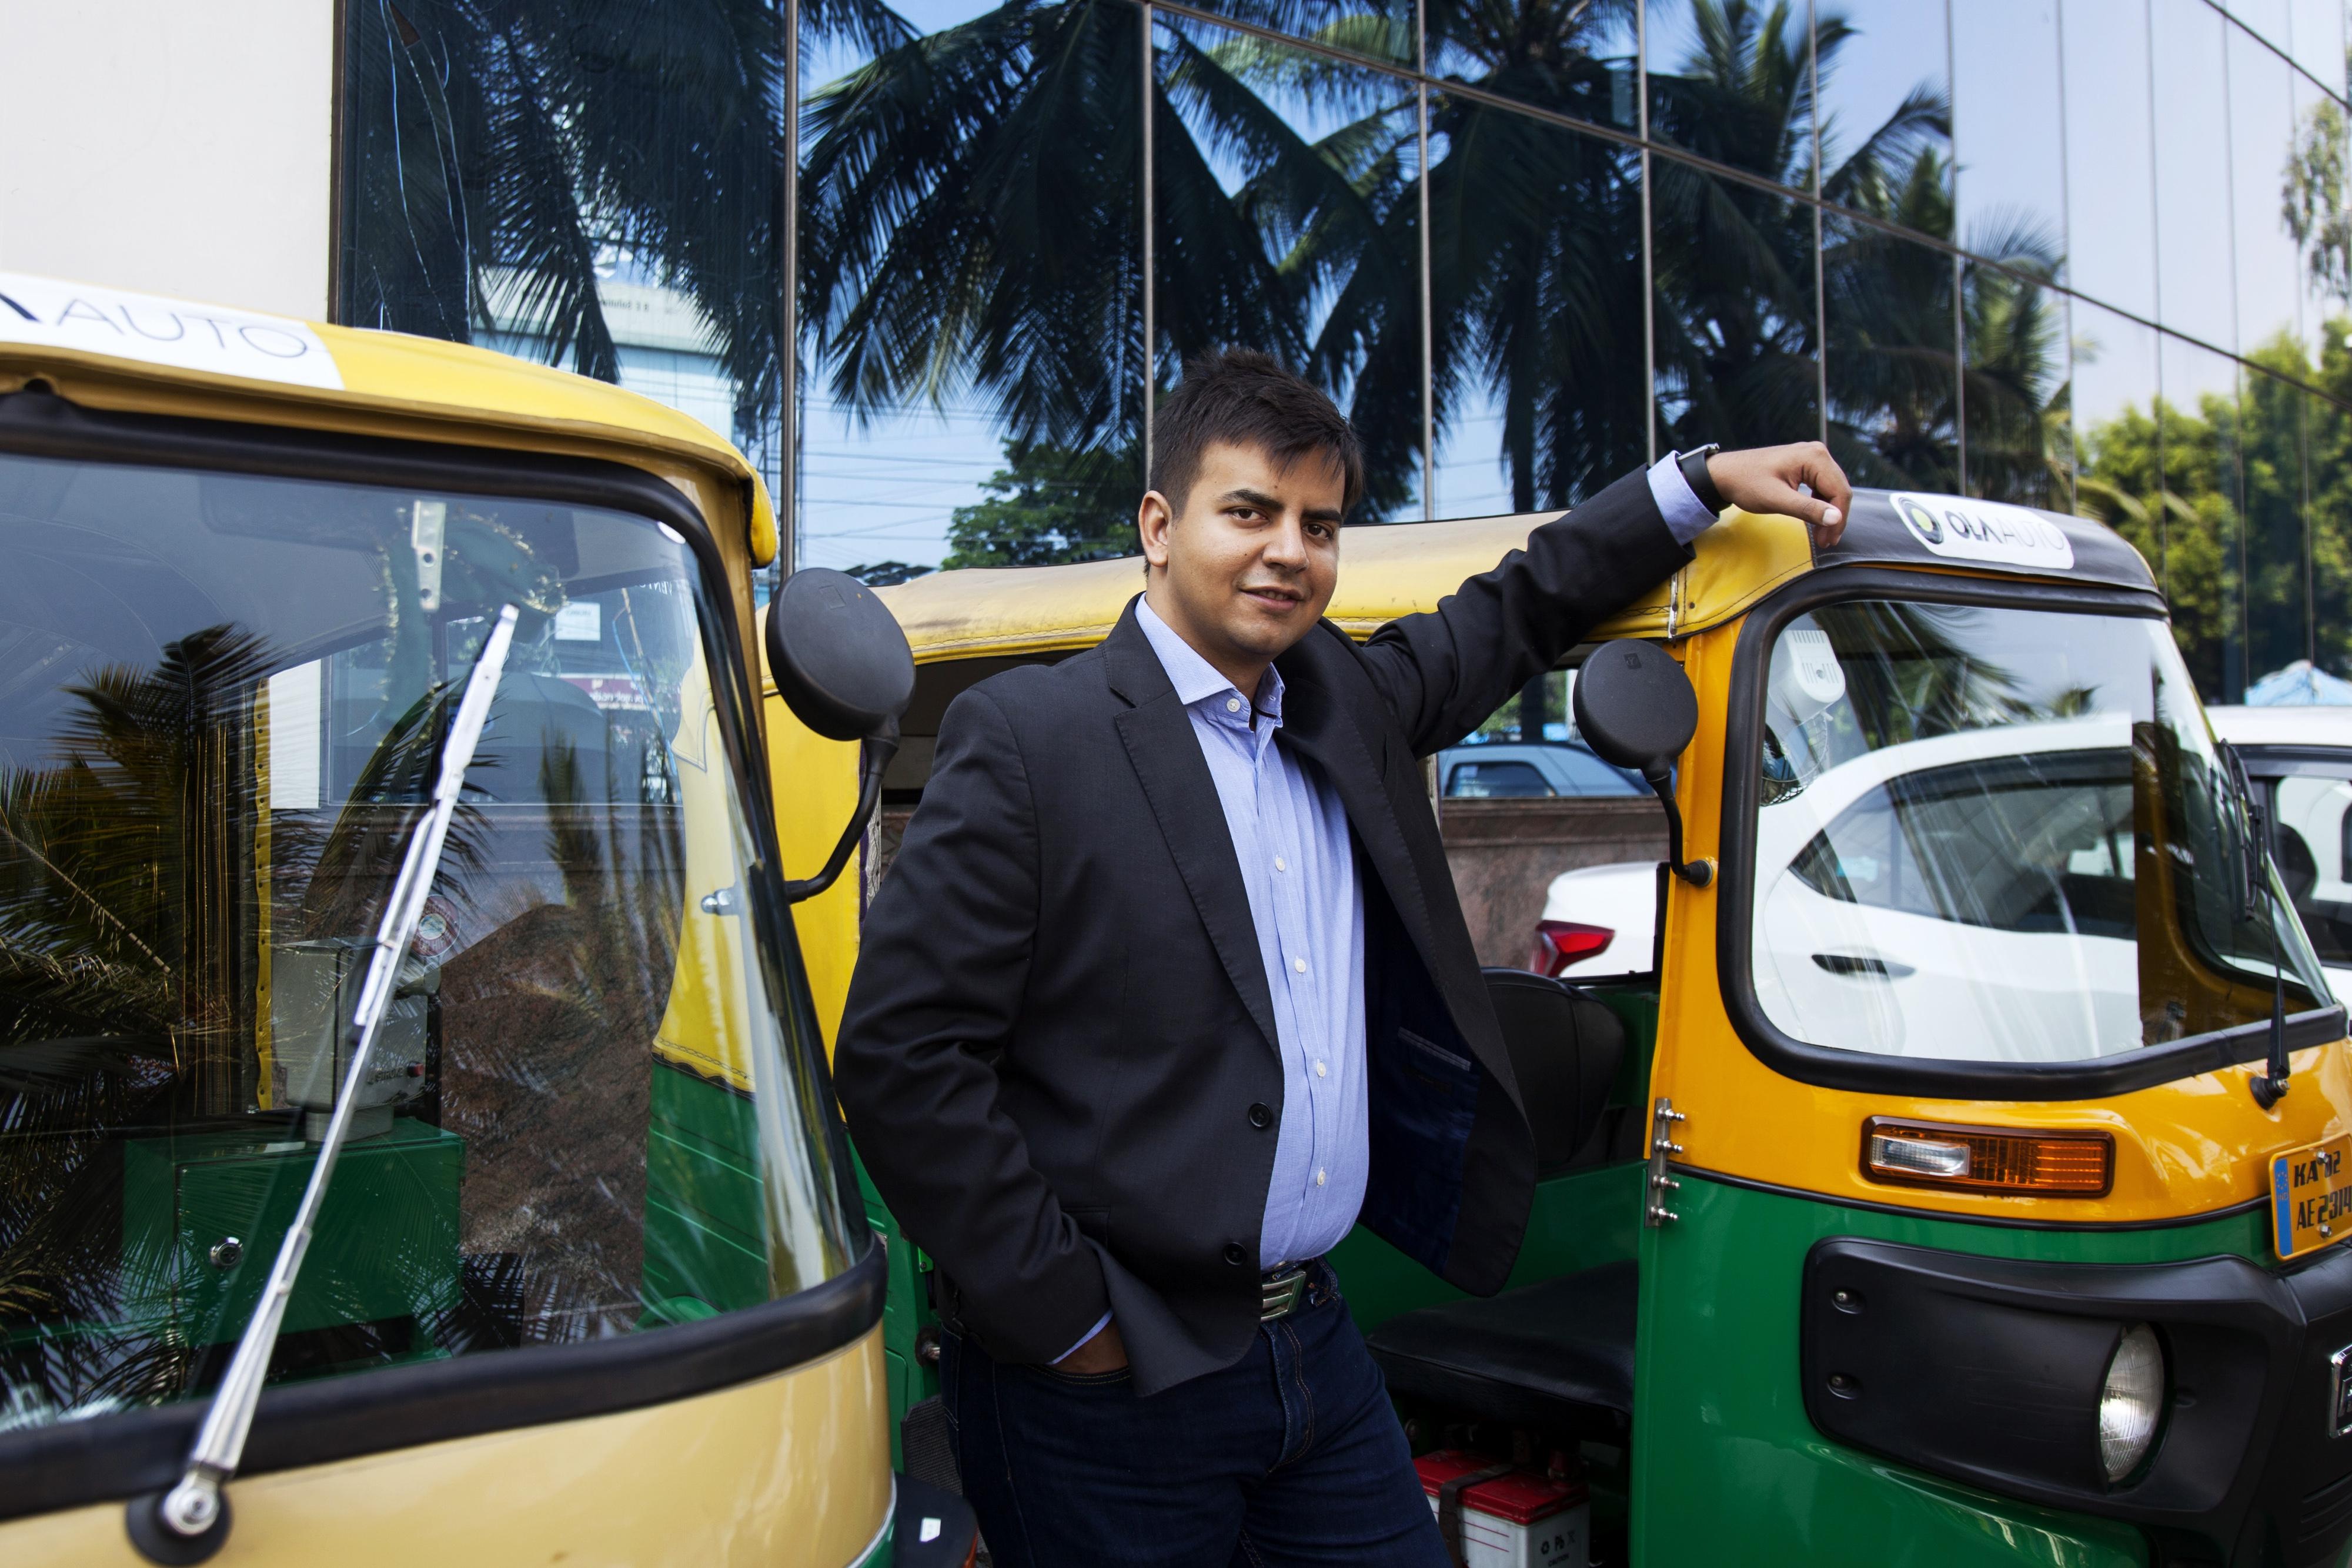 Индийская компания Ola выведет в течение года на дороги 10 тысяч электрических рикш